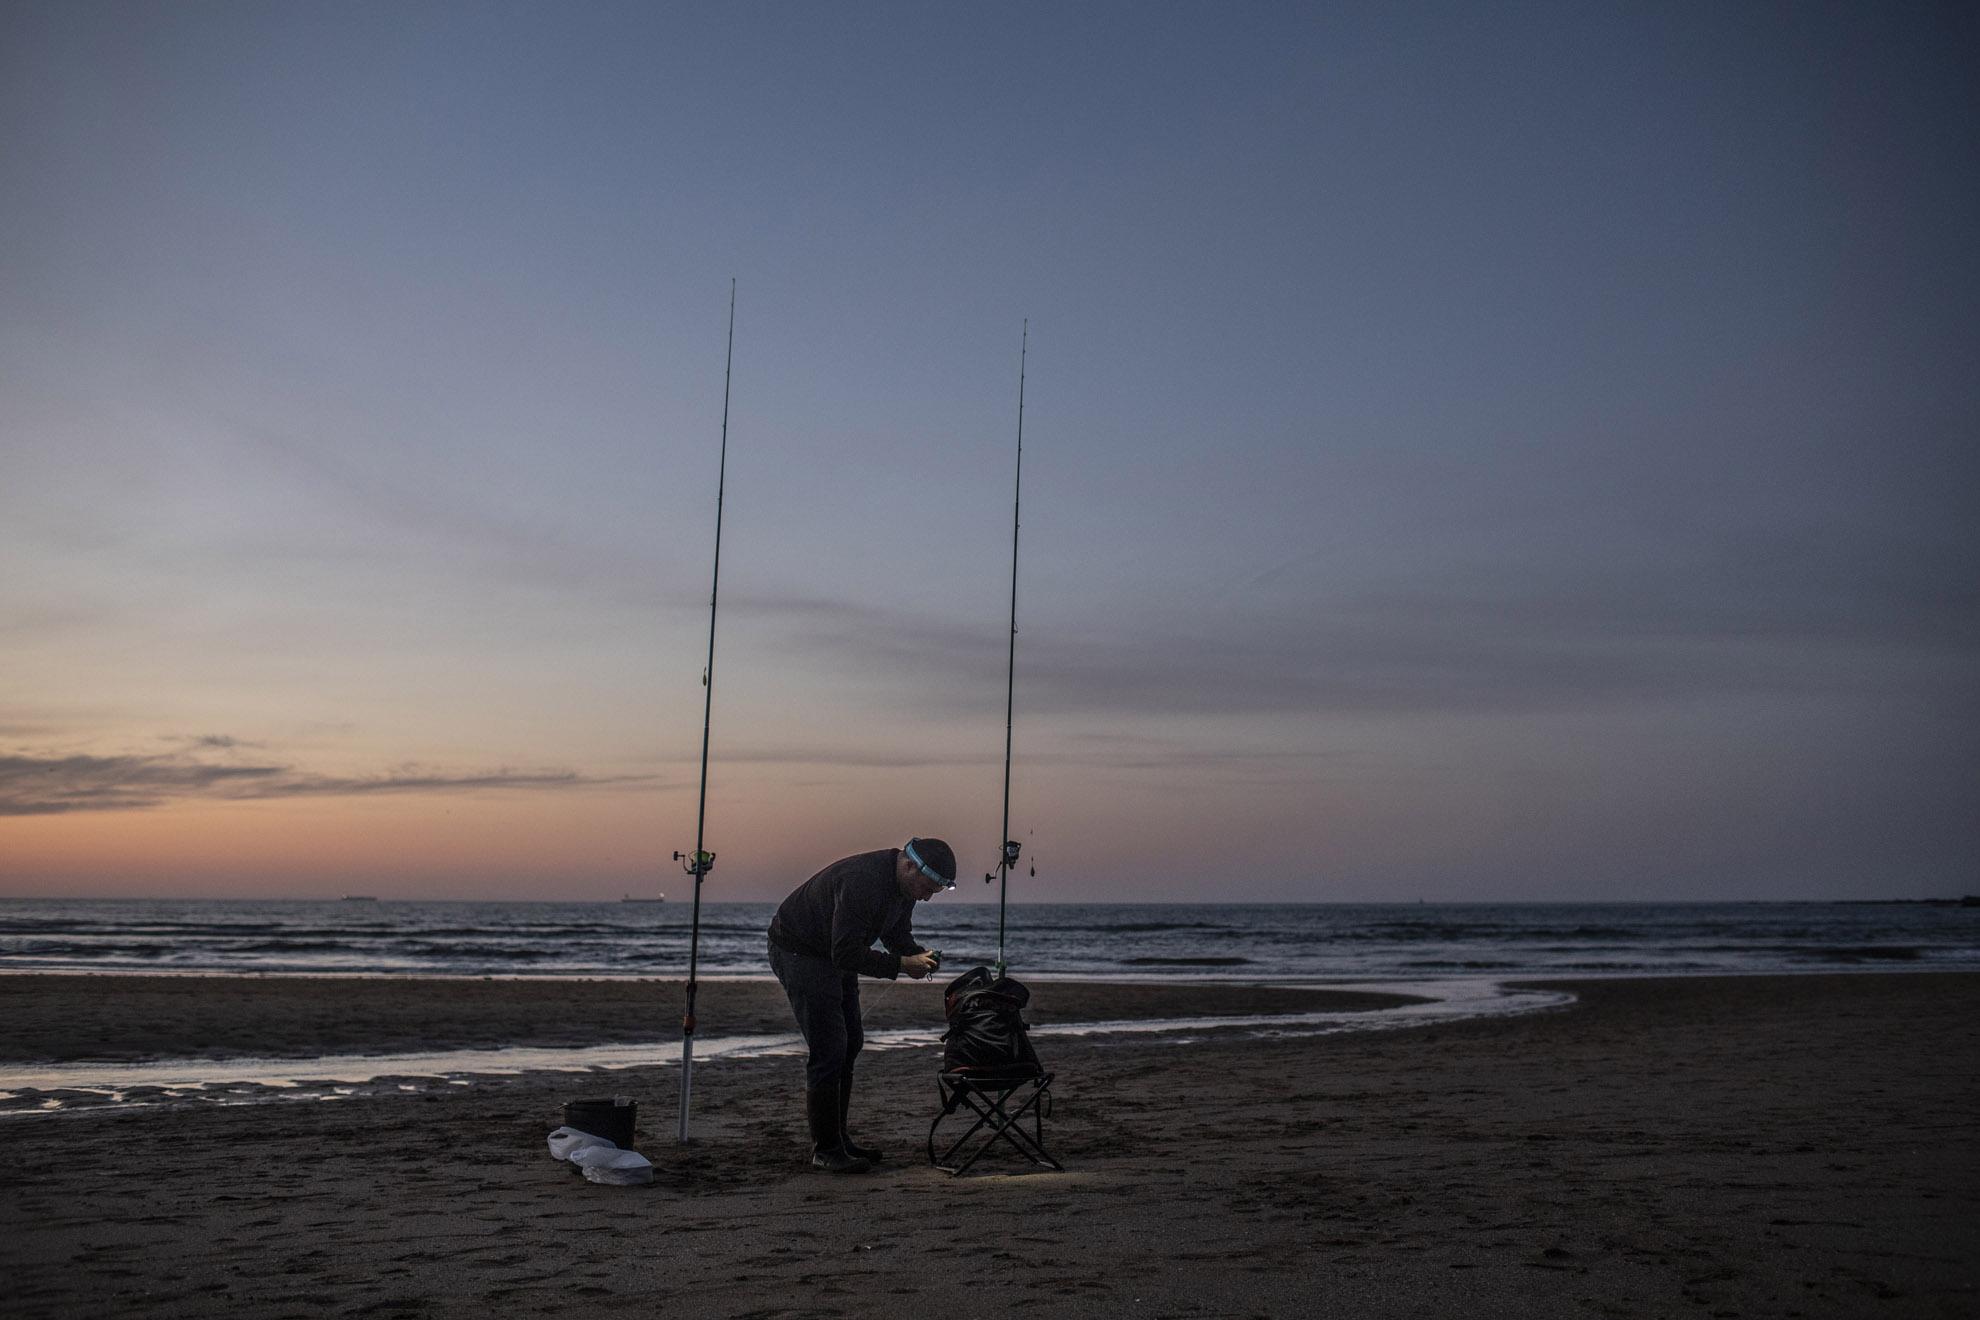 Un pescador prepara su equipo para un día de pesca en la playa de San Lorenzo en Gijón, Asturias, España, 25 de mayo de 2020.